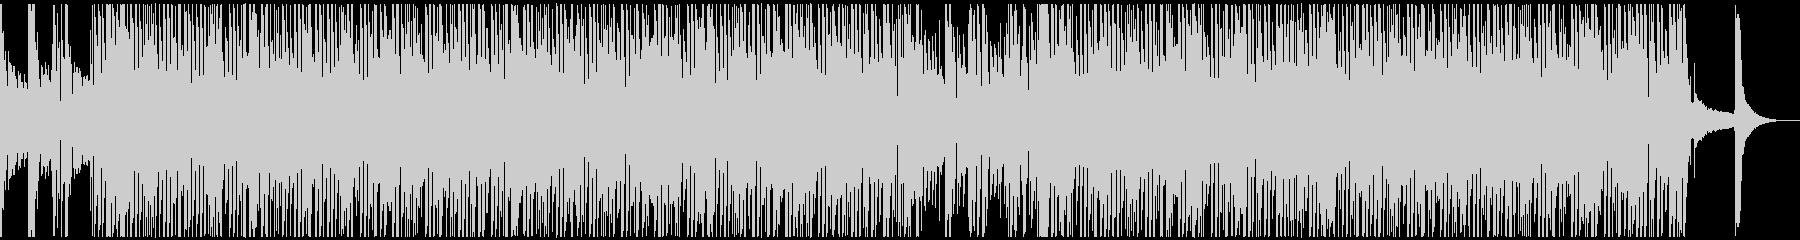 パズルゲーム風コミカルなサウンドの未再生の波形